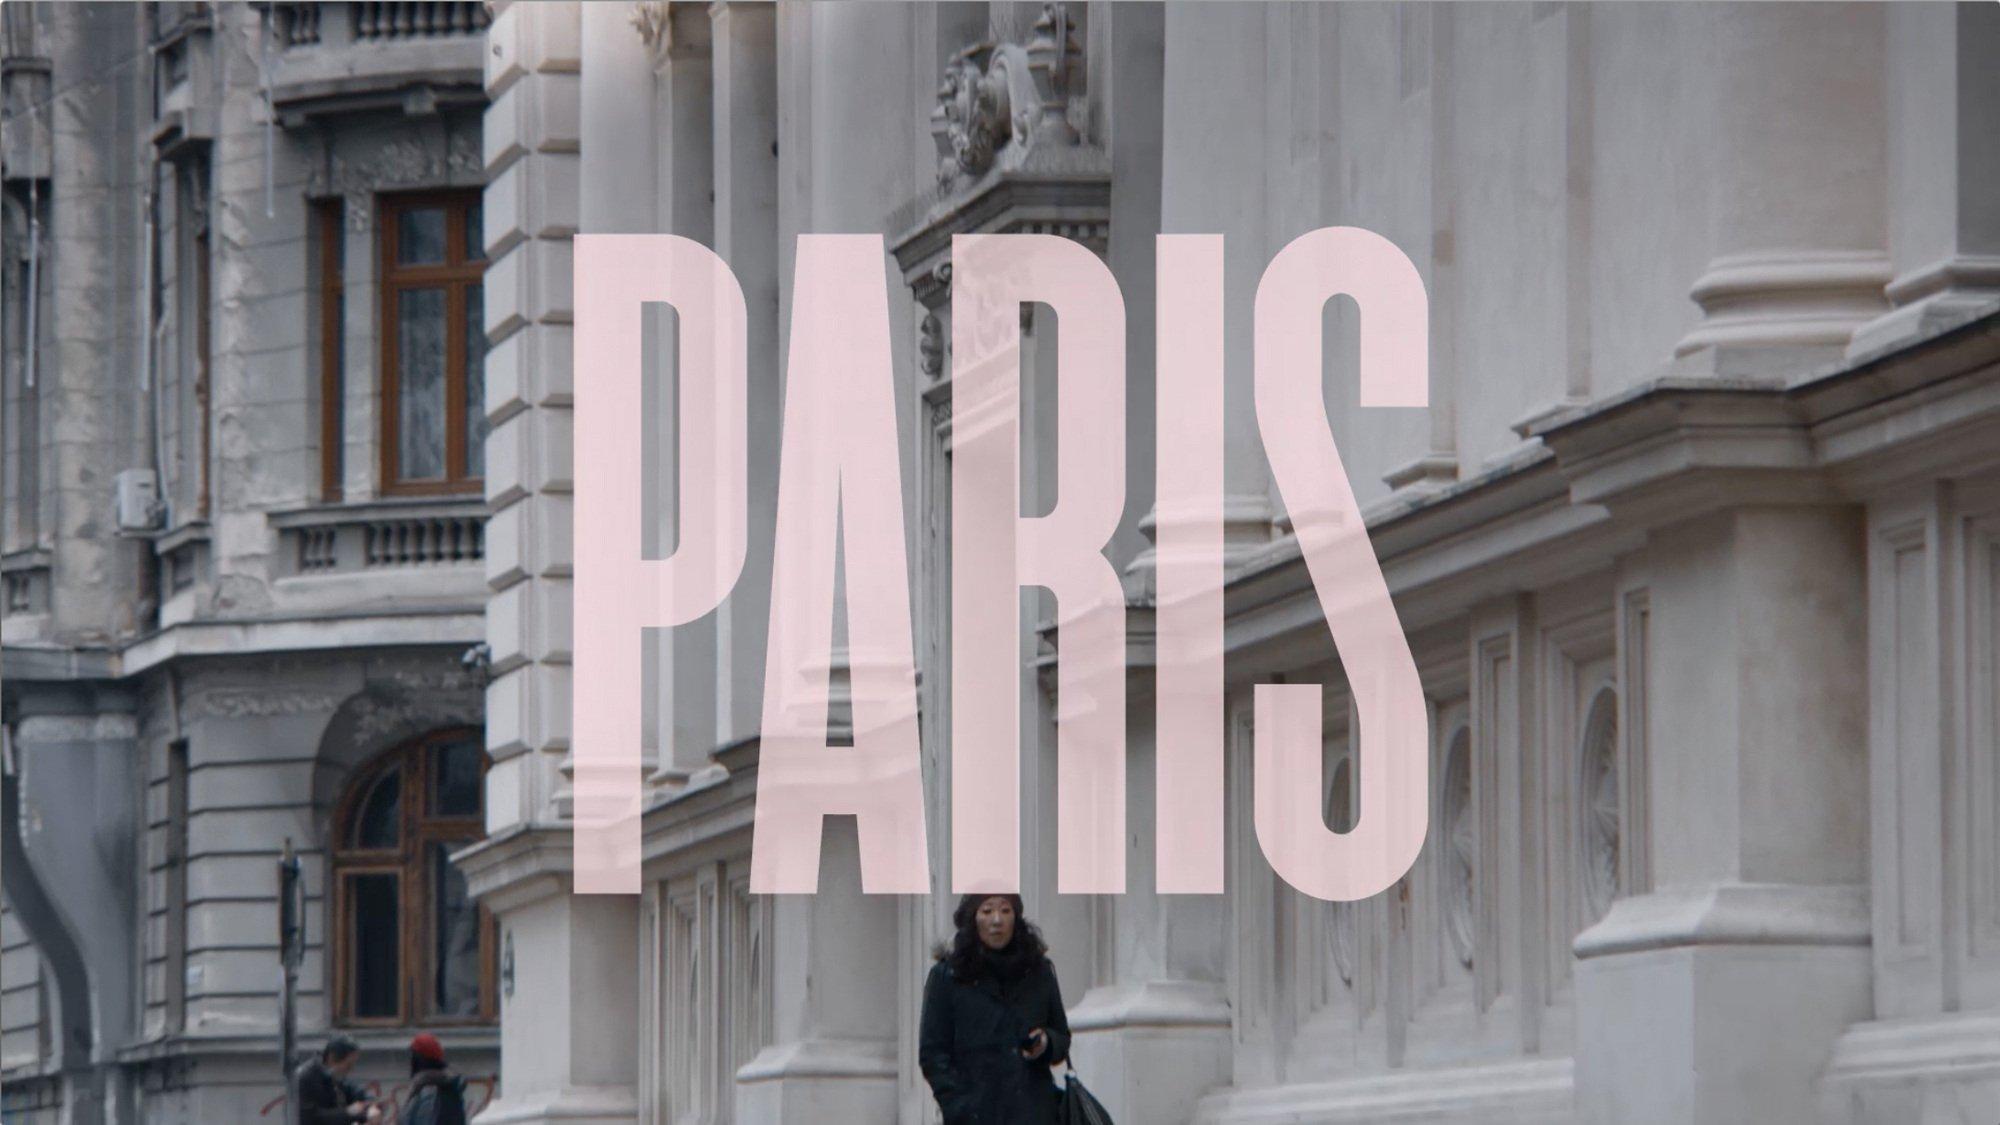 KE PARIS